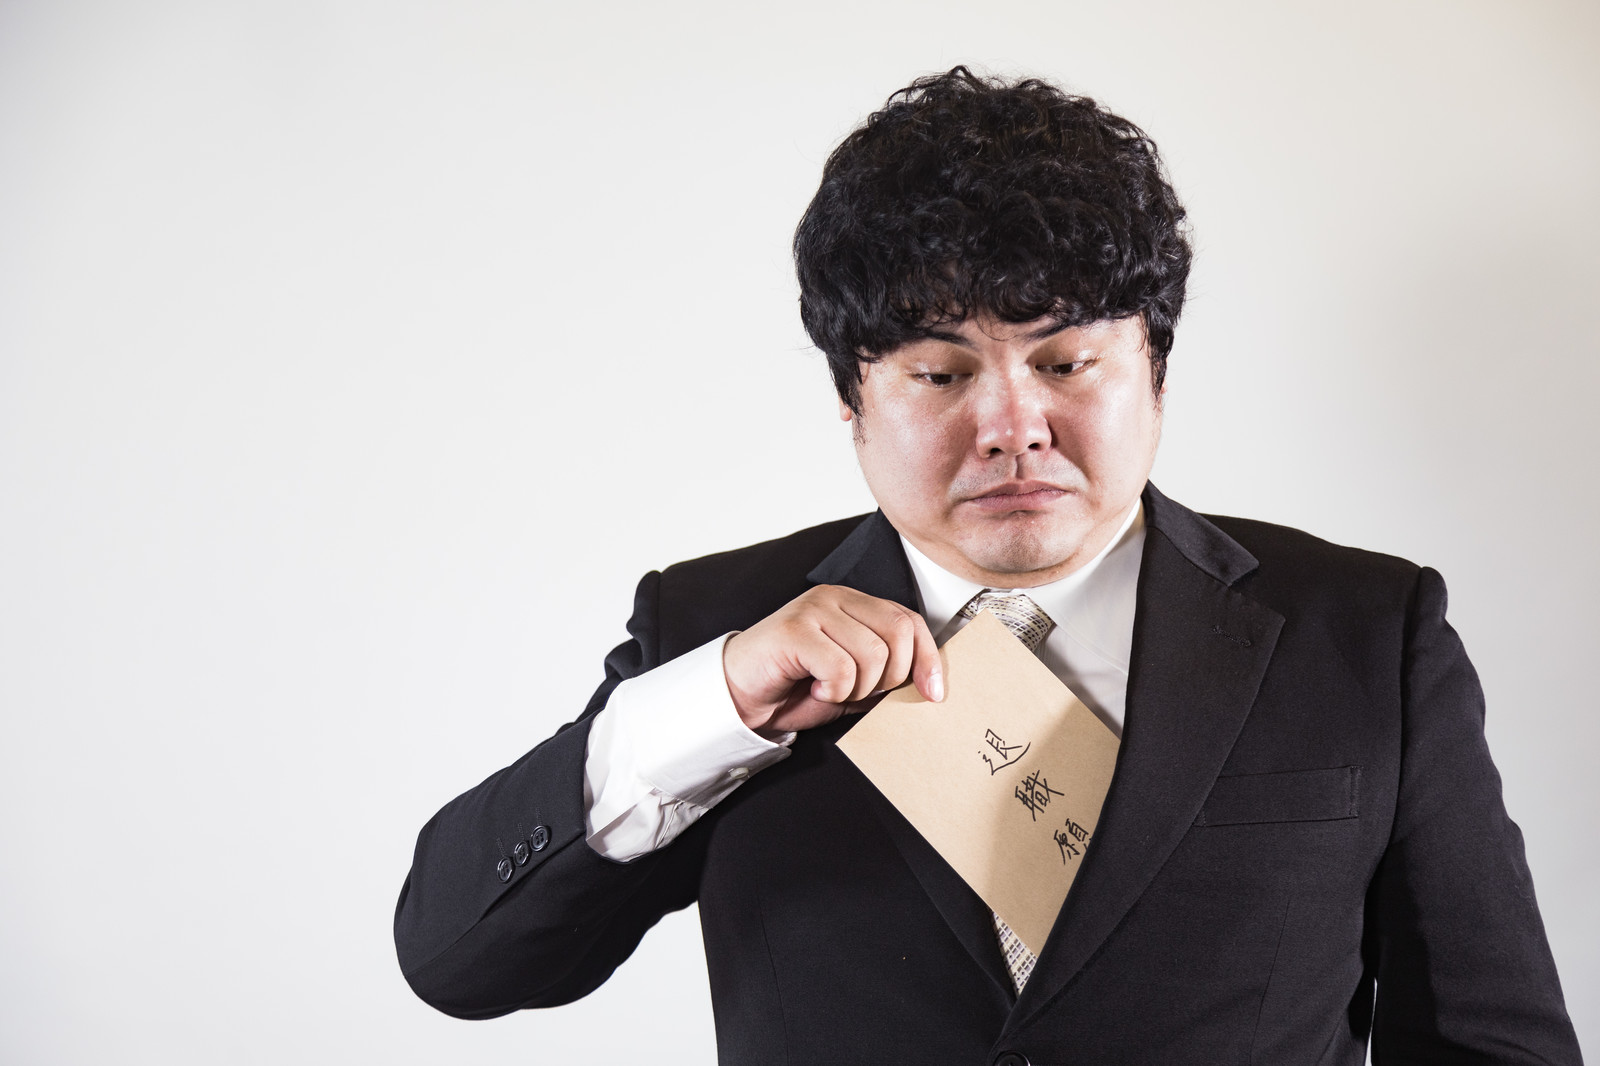 退職願を胸ポケットから出しているサラリーマン